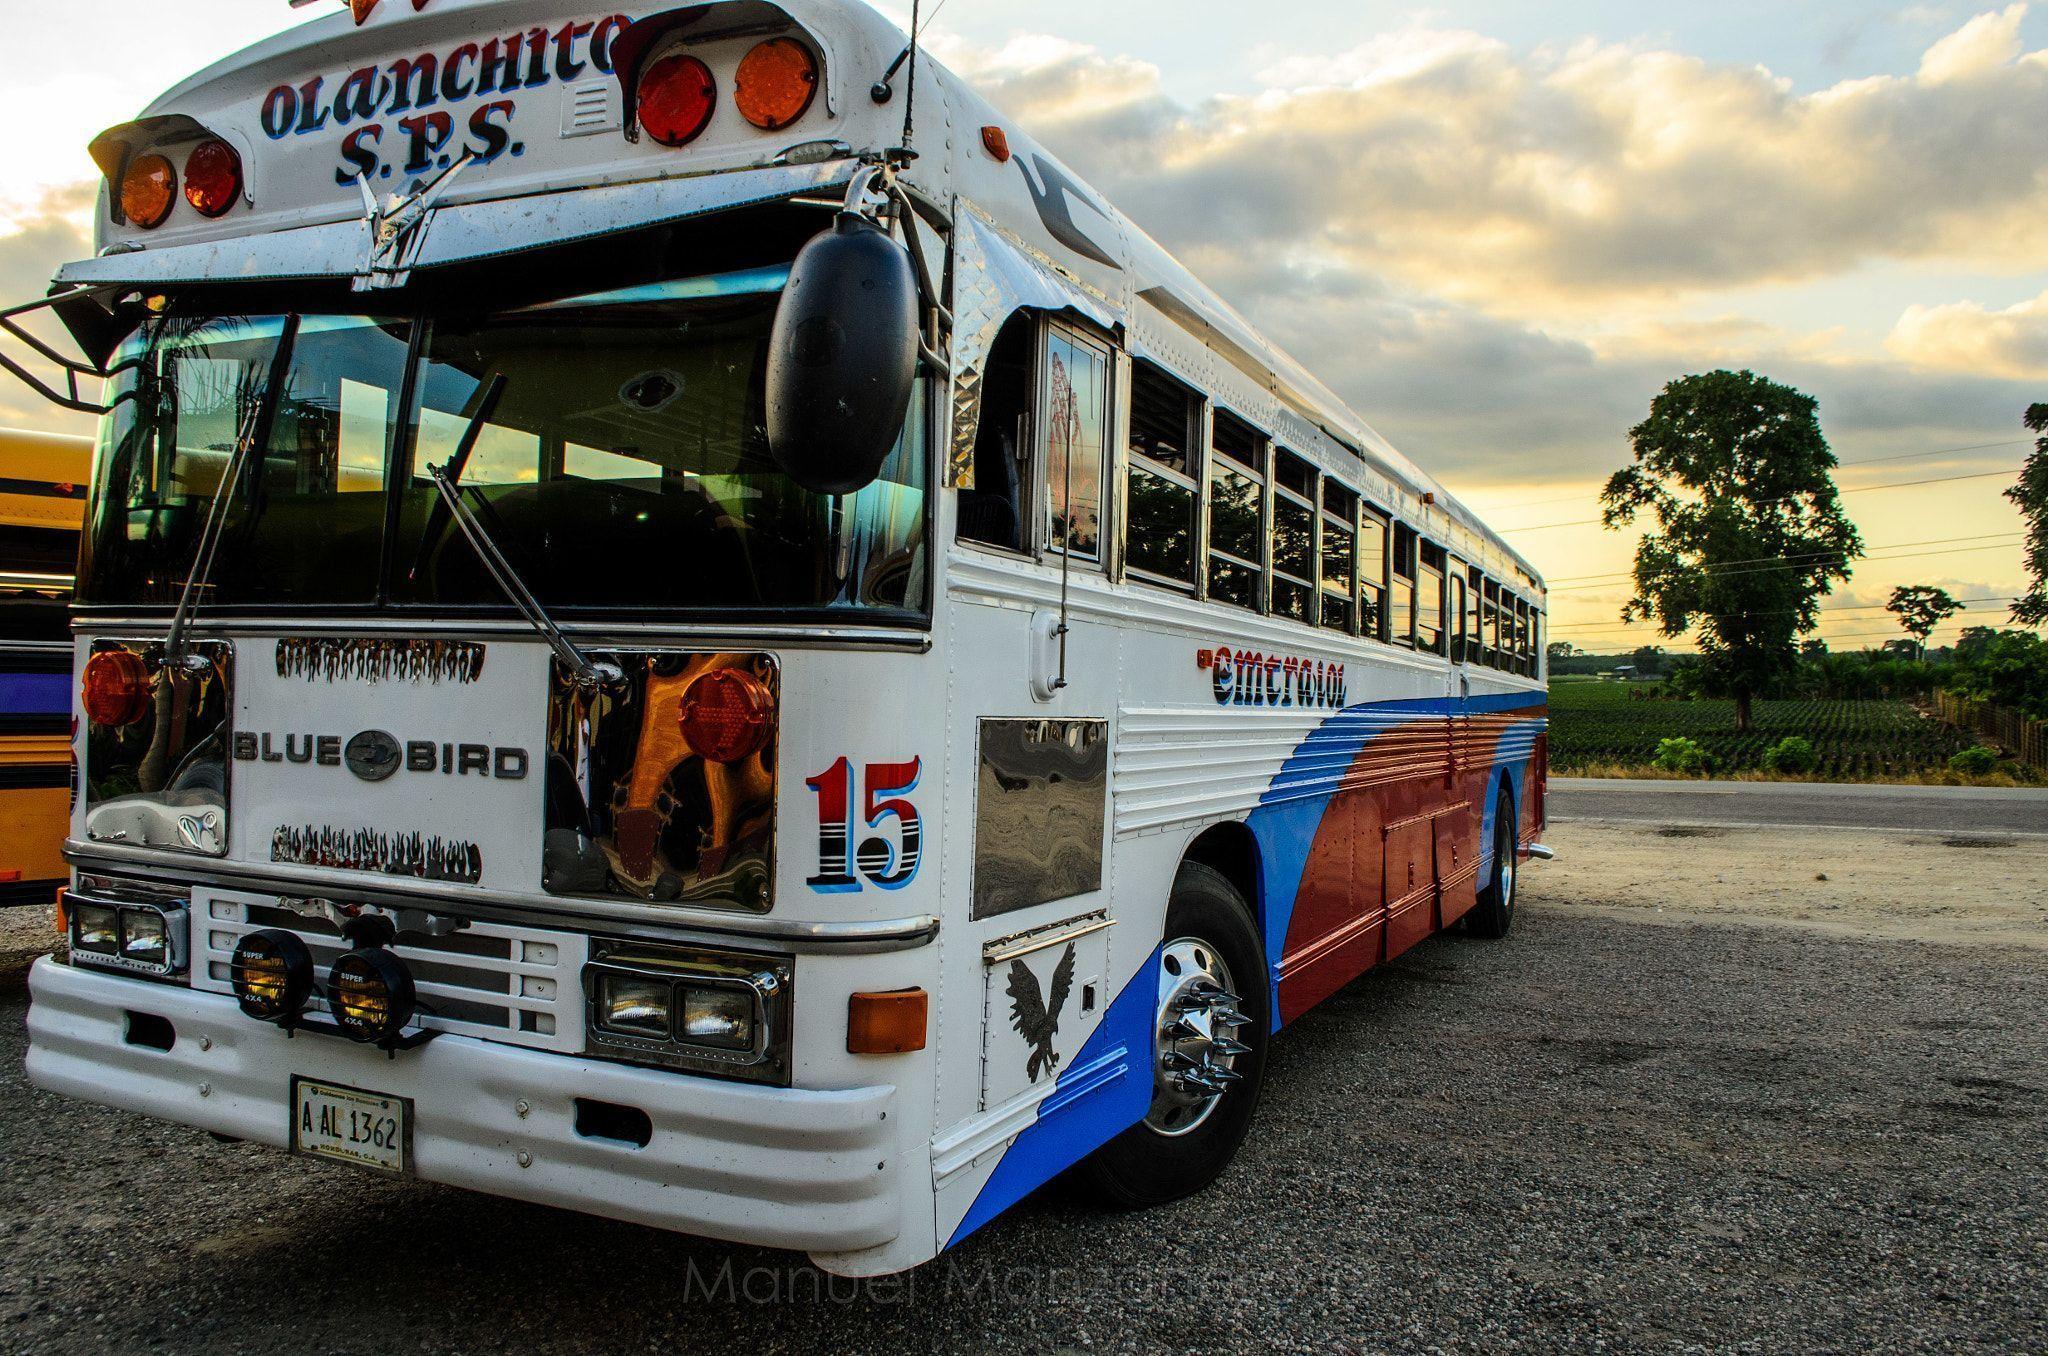 El Bus - San pedro Sula, #Honduras #sanpedrosula El Bus - San pedro Sula, #Honduras #sanpedrosula El Bus - San pedro Sula, #Honduras #sanpedrosula El Bus - San pedro Sula, #Honduras #sanpedrosula El Bus - San pedro Sula, #Honduras #sanpedrosula El Bus - San pedro Sula, #Honduras #sanpedrosula El Bus - San pedro Sula, #Honduras #sanpedrosula El Bus - San pedro Sula, #Honduras #sanpedrosula